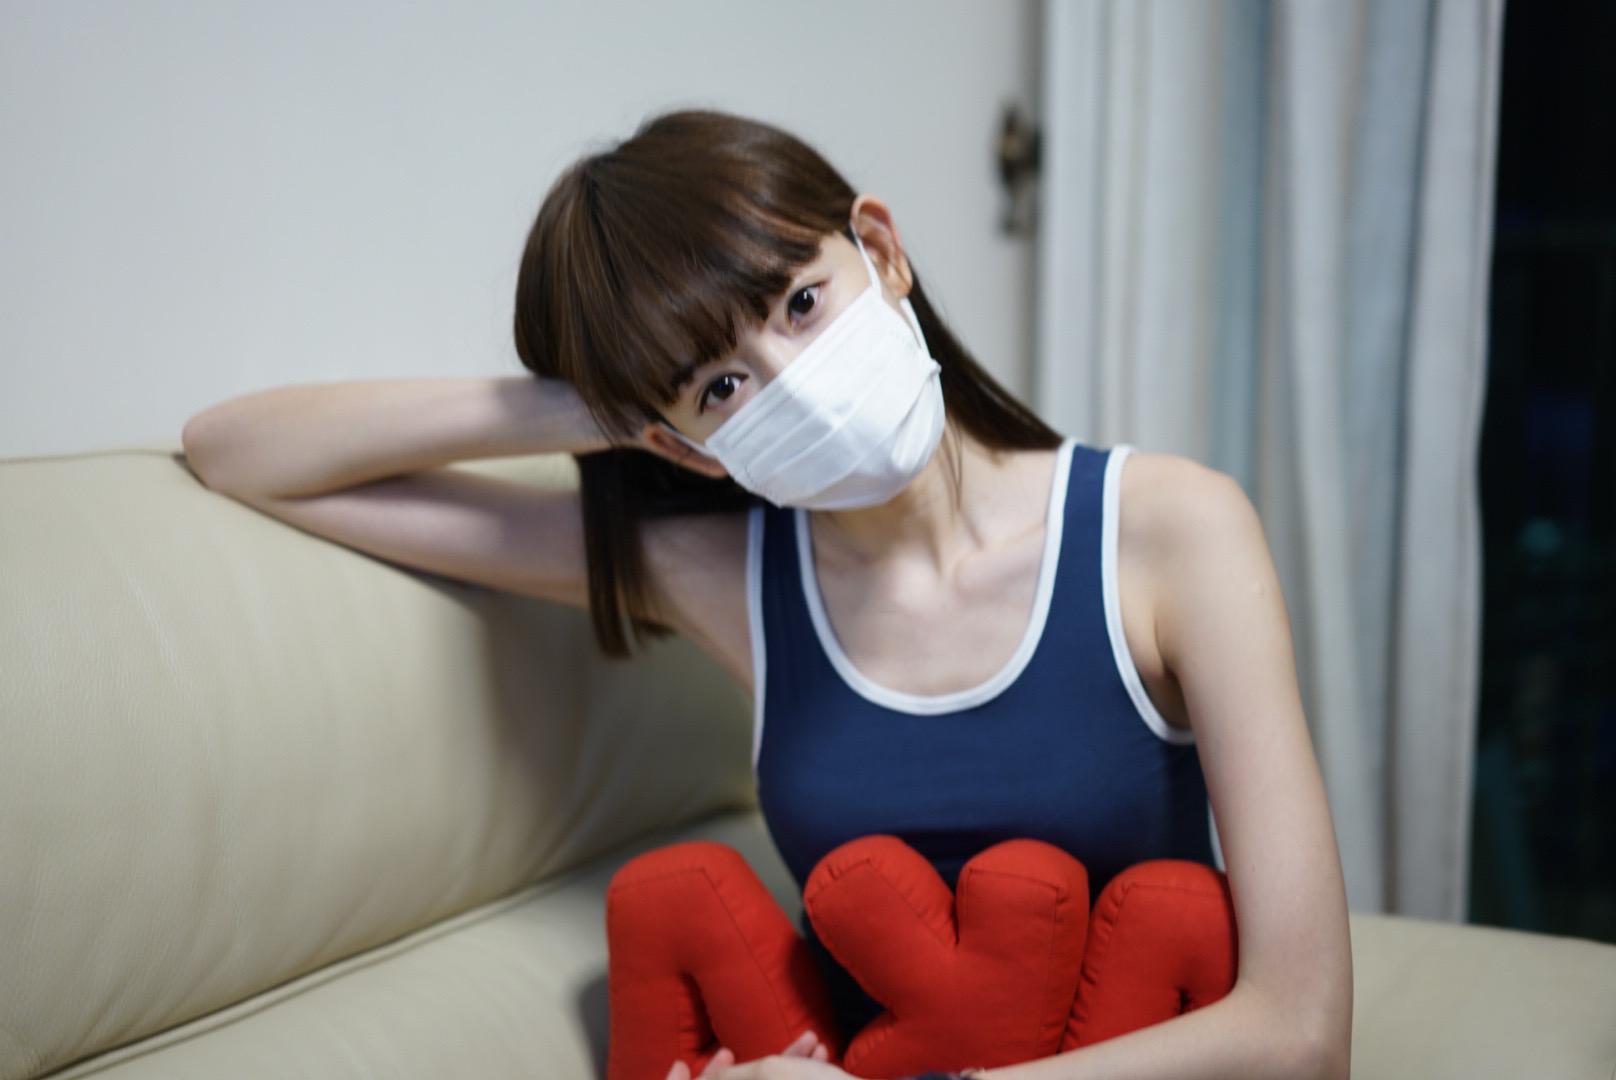 【被狗咬縫9針】Aka@SG康復進度理想 為保靚樣狂搽去疤膏